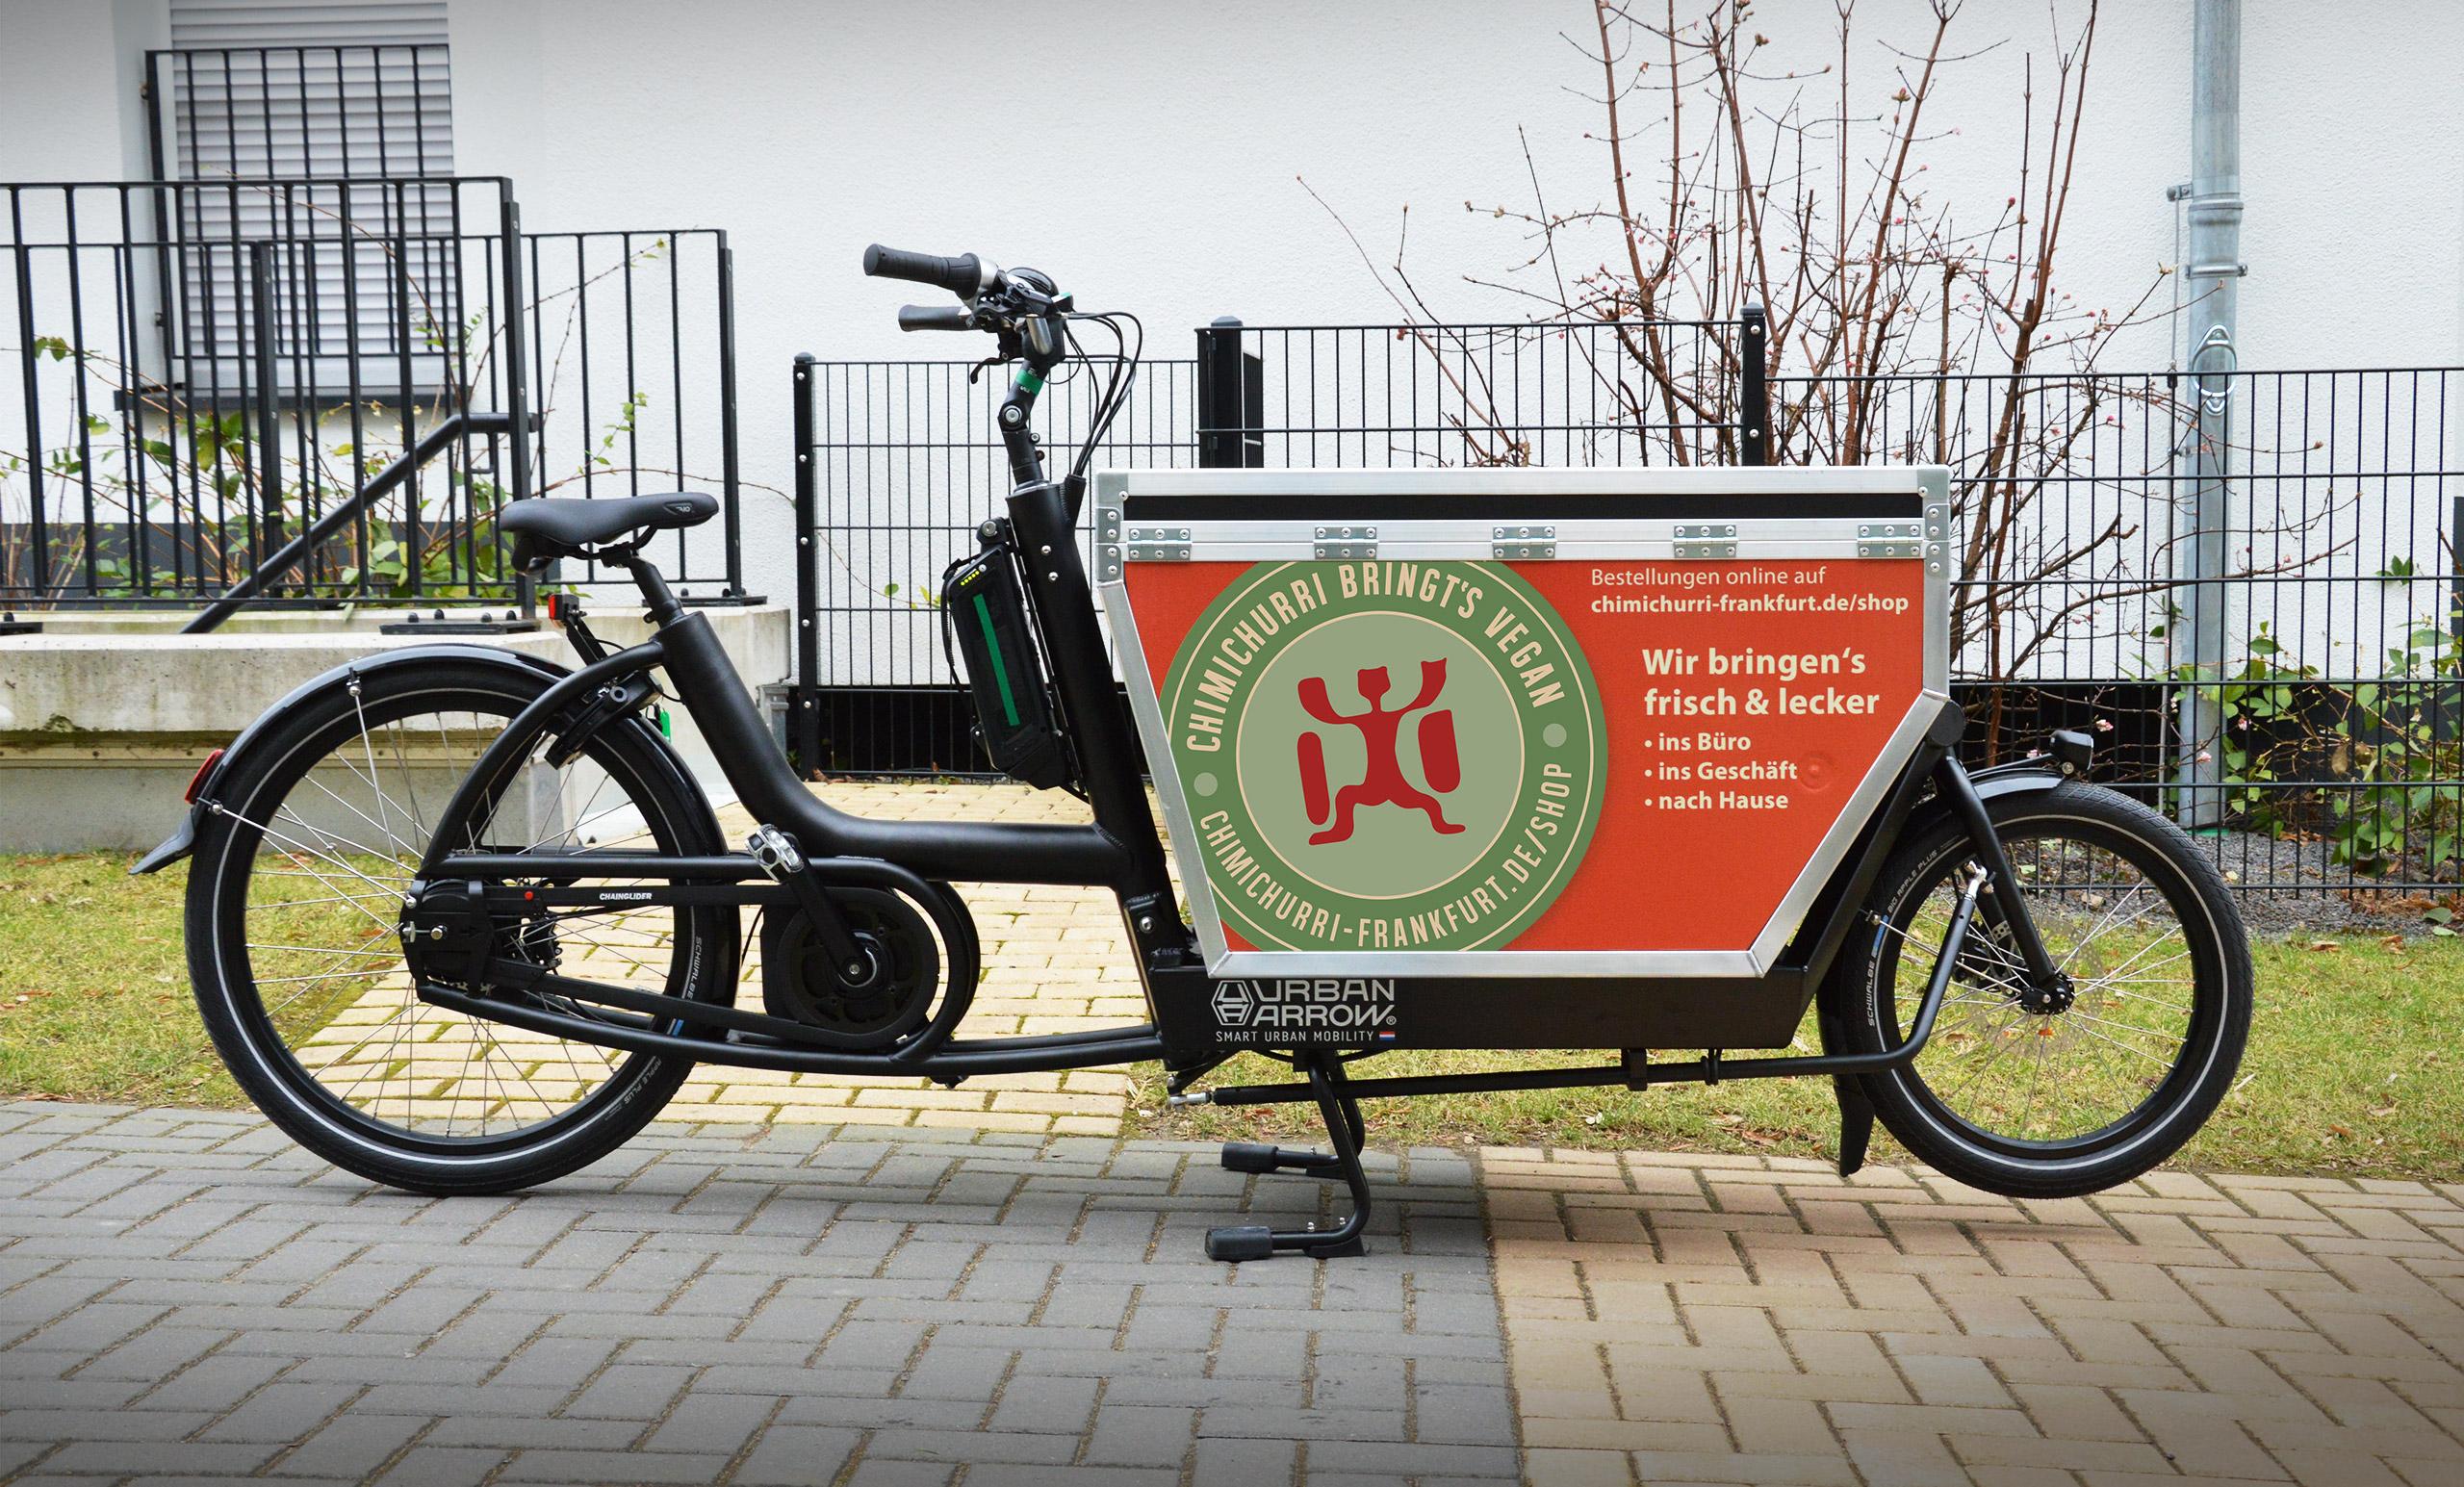 CHIMICHURRI bringt's Vegan Transportrad